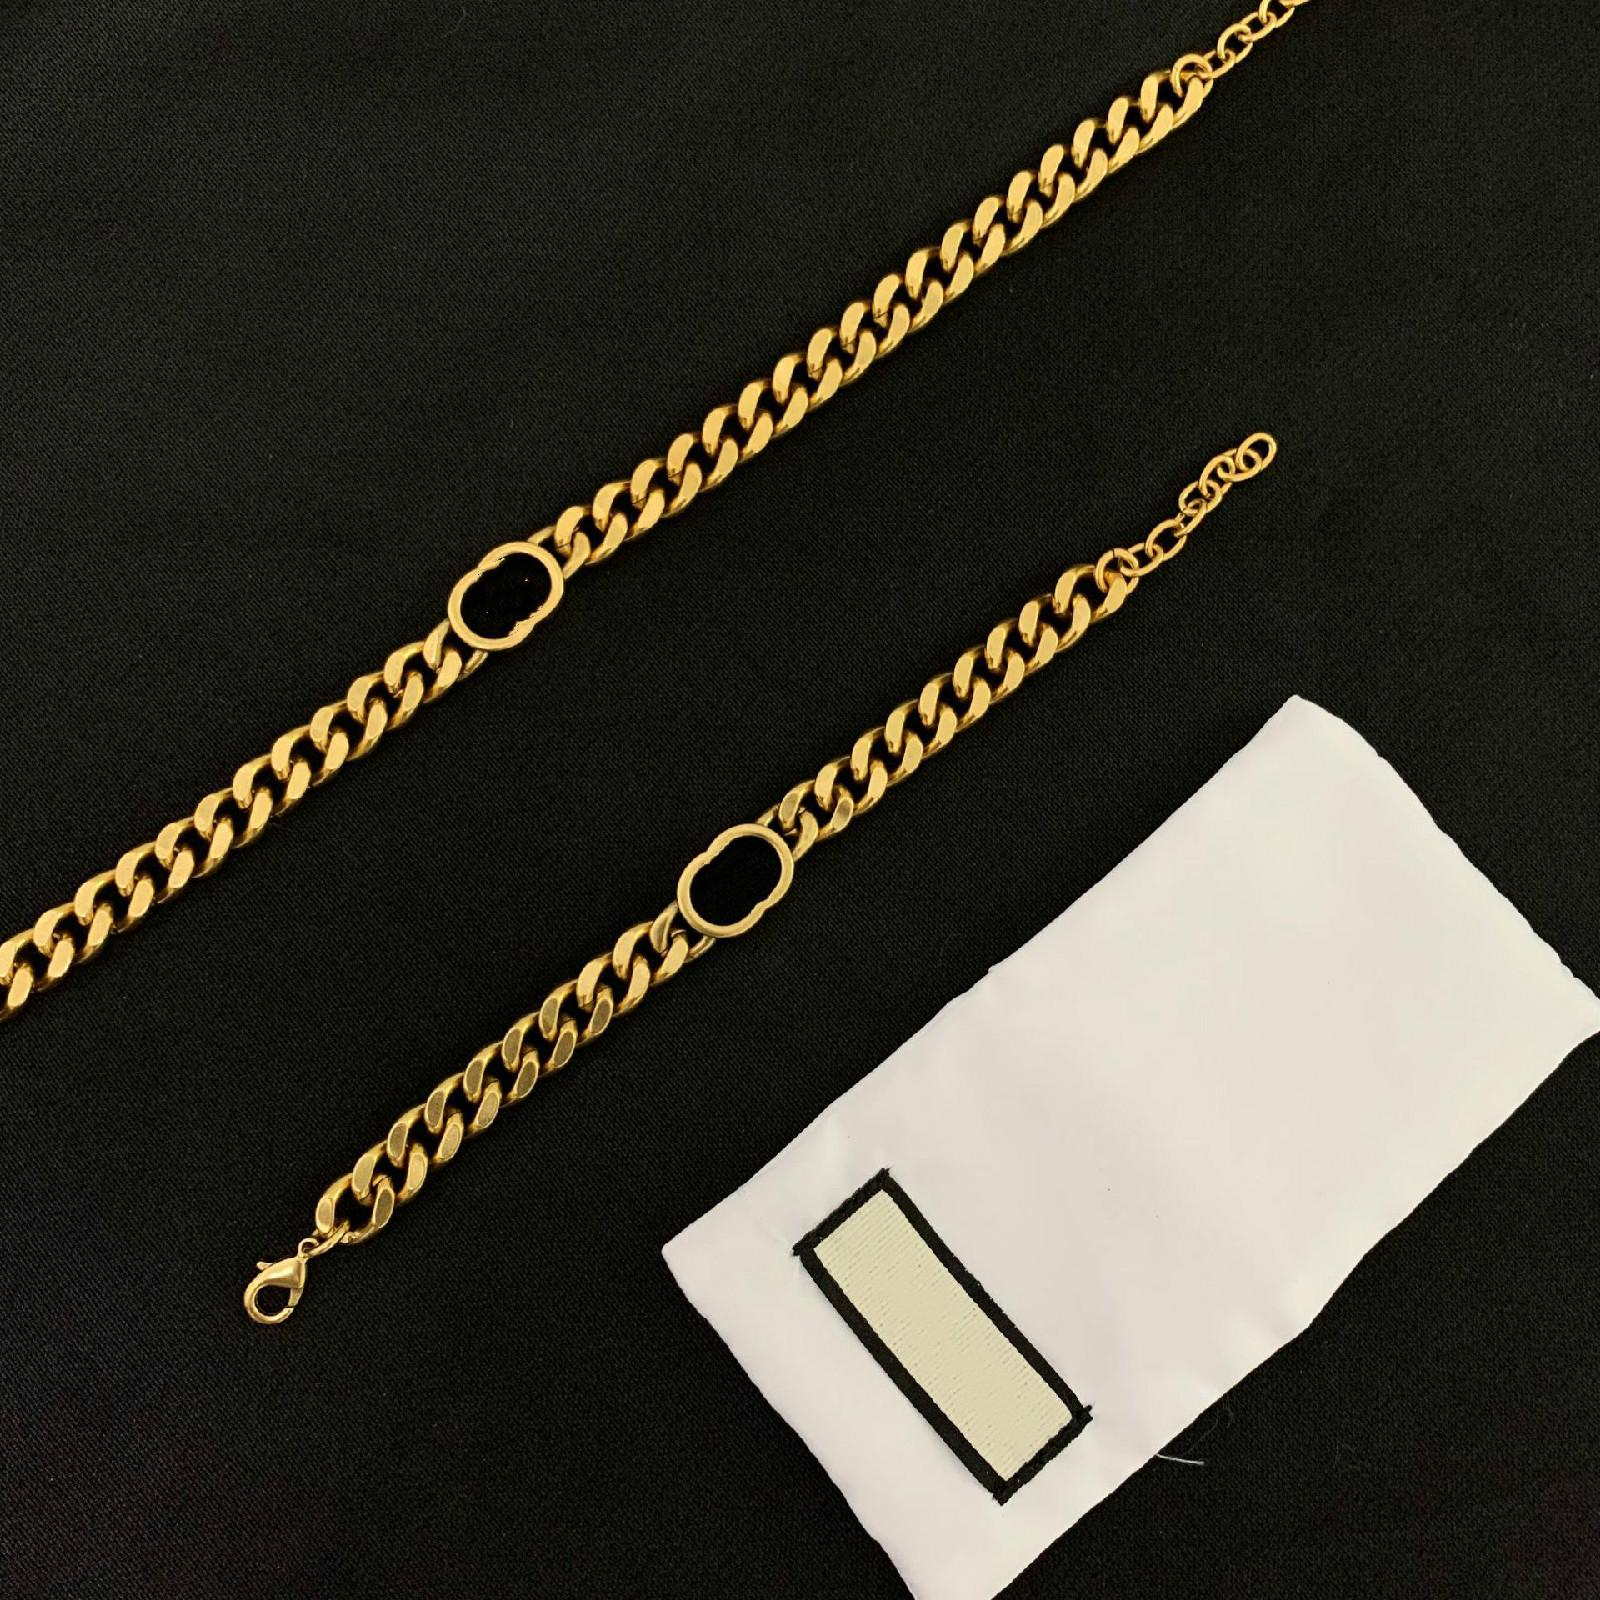 2021 Neue Ankunft Heiße Messing Materialkette mit Retrostil Für Mann Halskette Liebhaber Schmuck Weihnachtsgeschenke